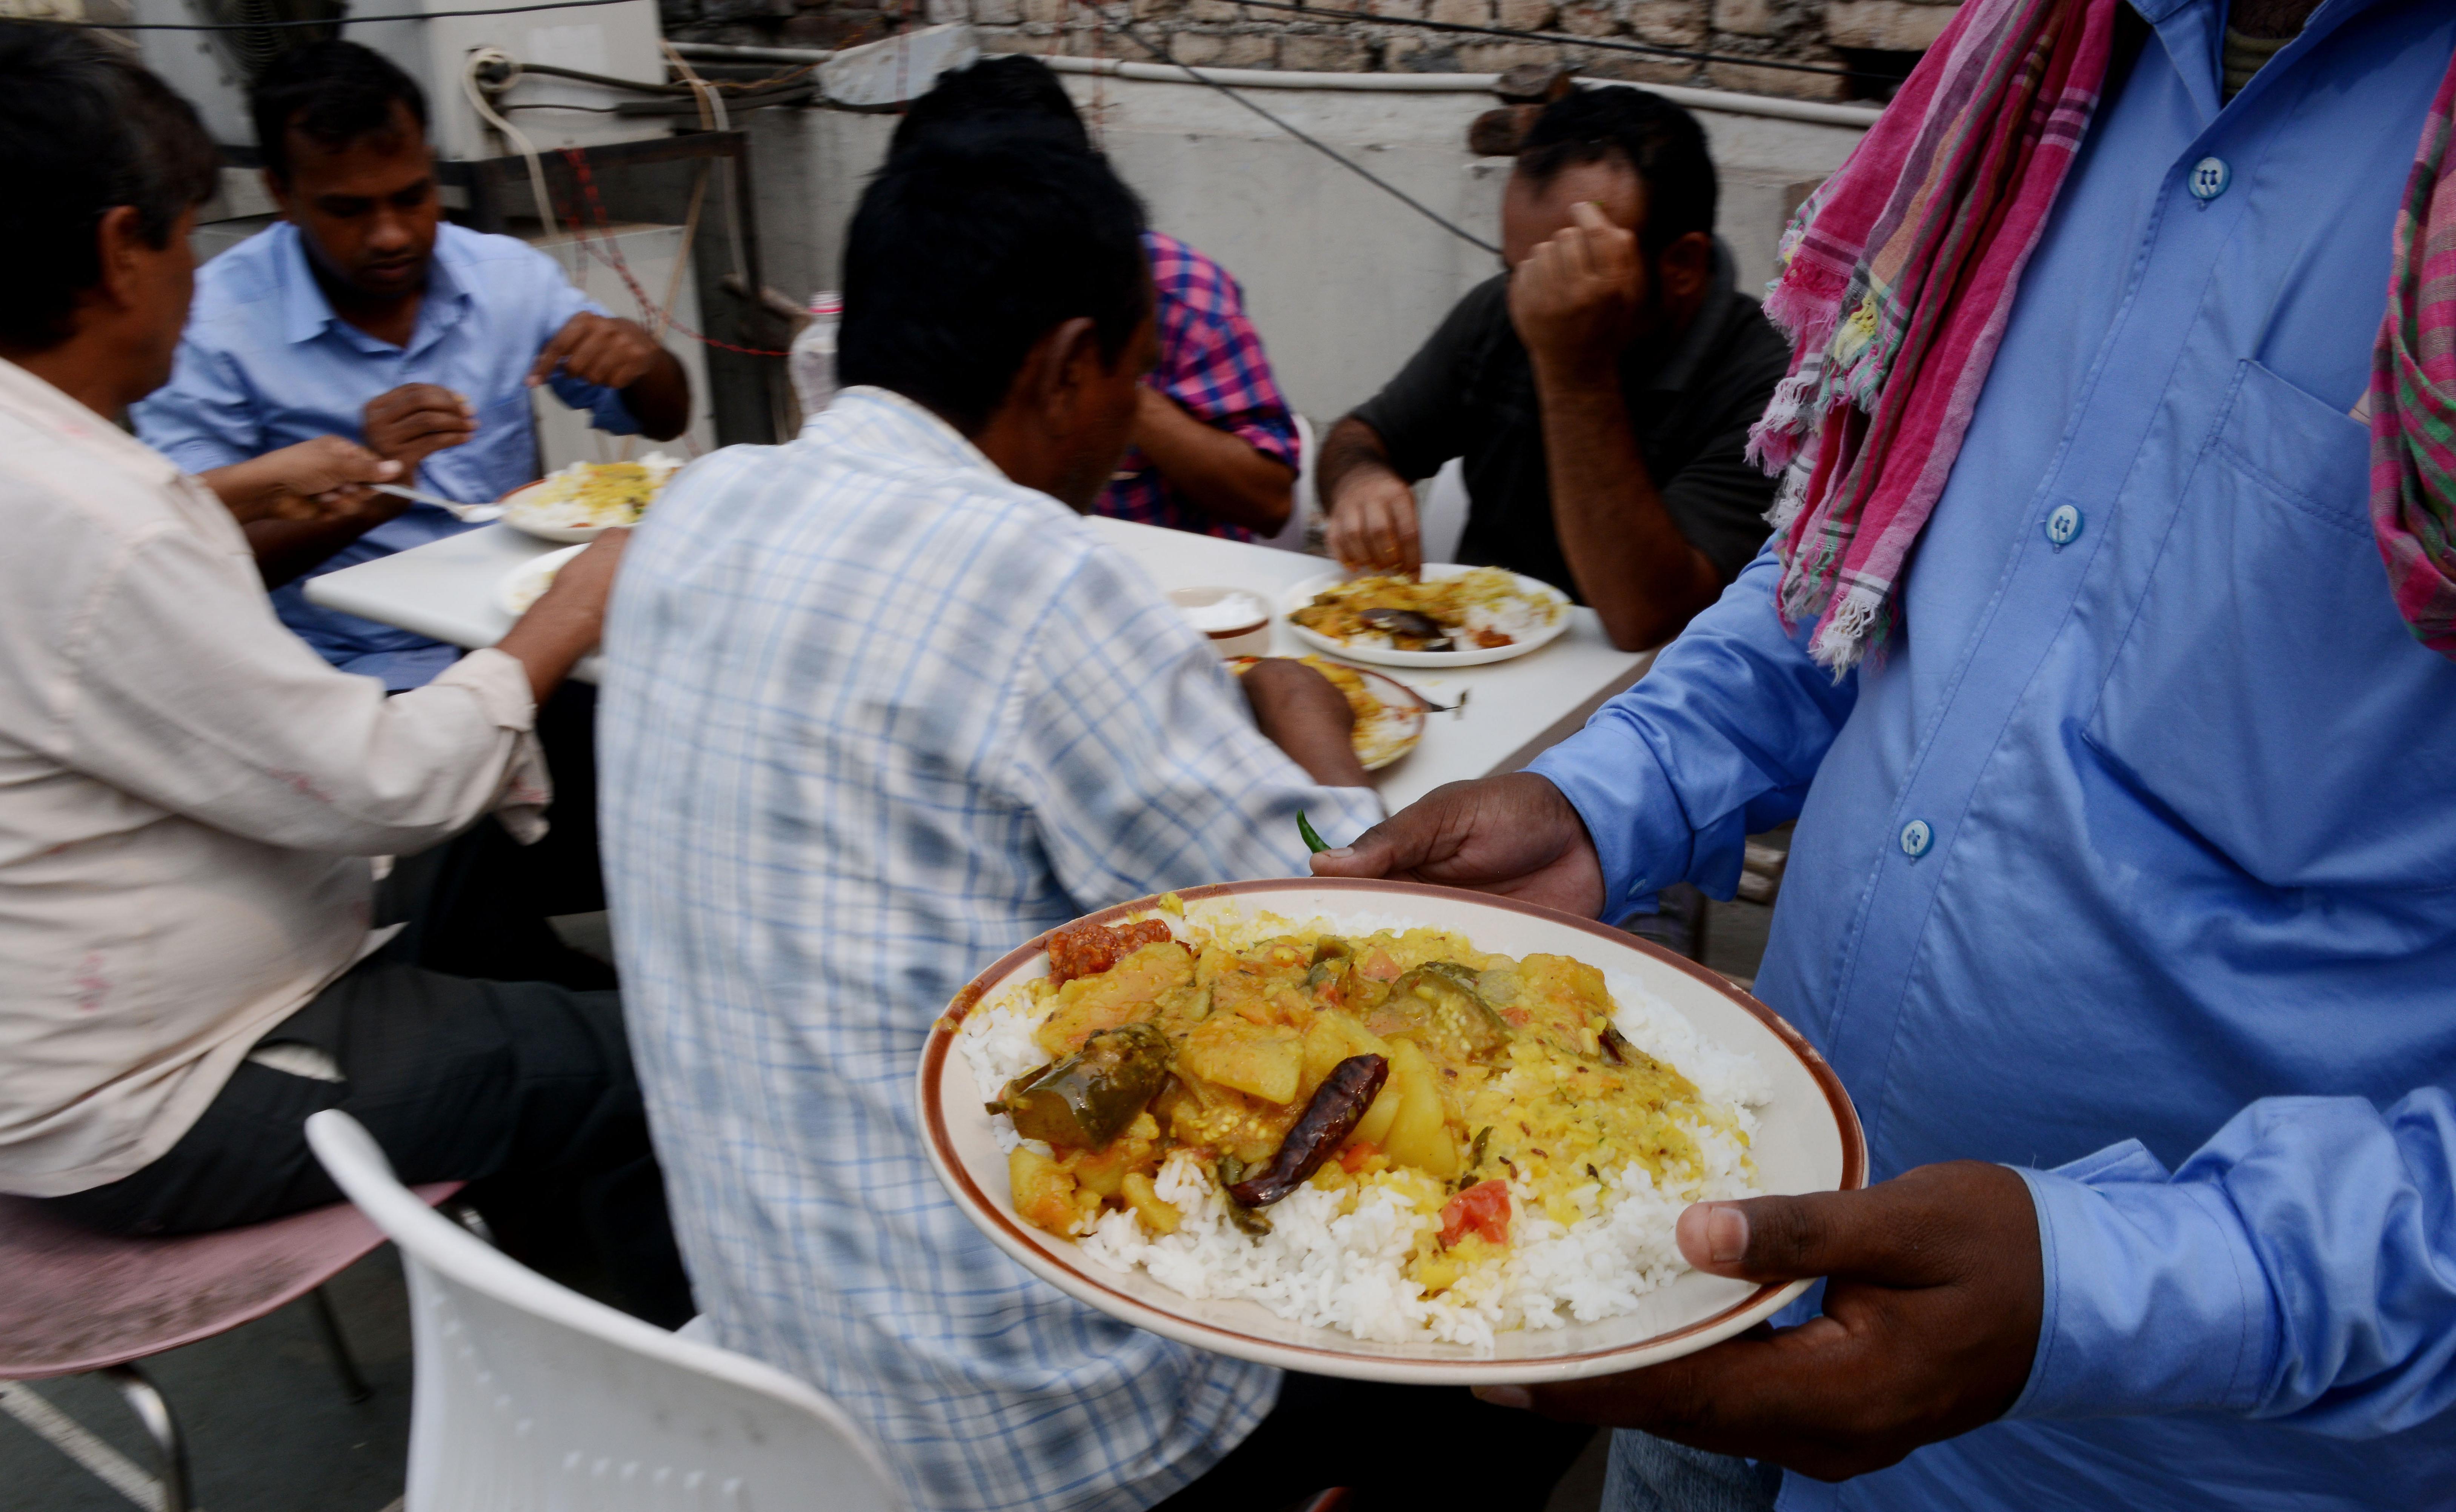 يتناولون الغداء في فندق في نيودلهي بعد وصولهم من السعودية